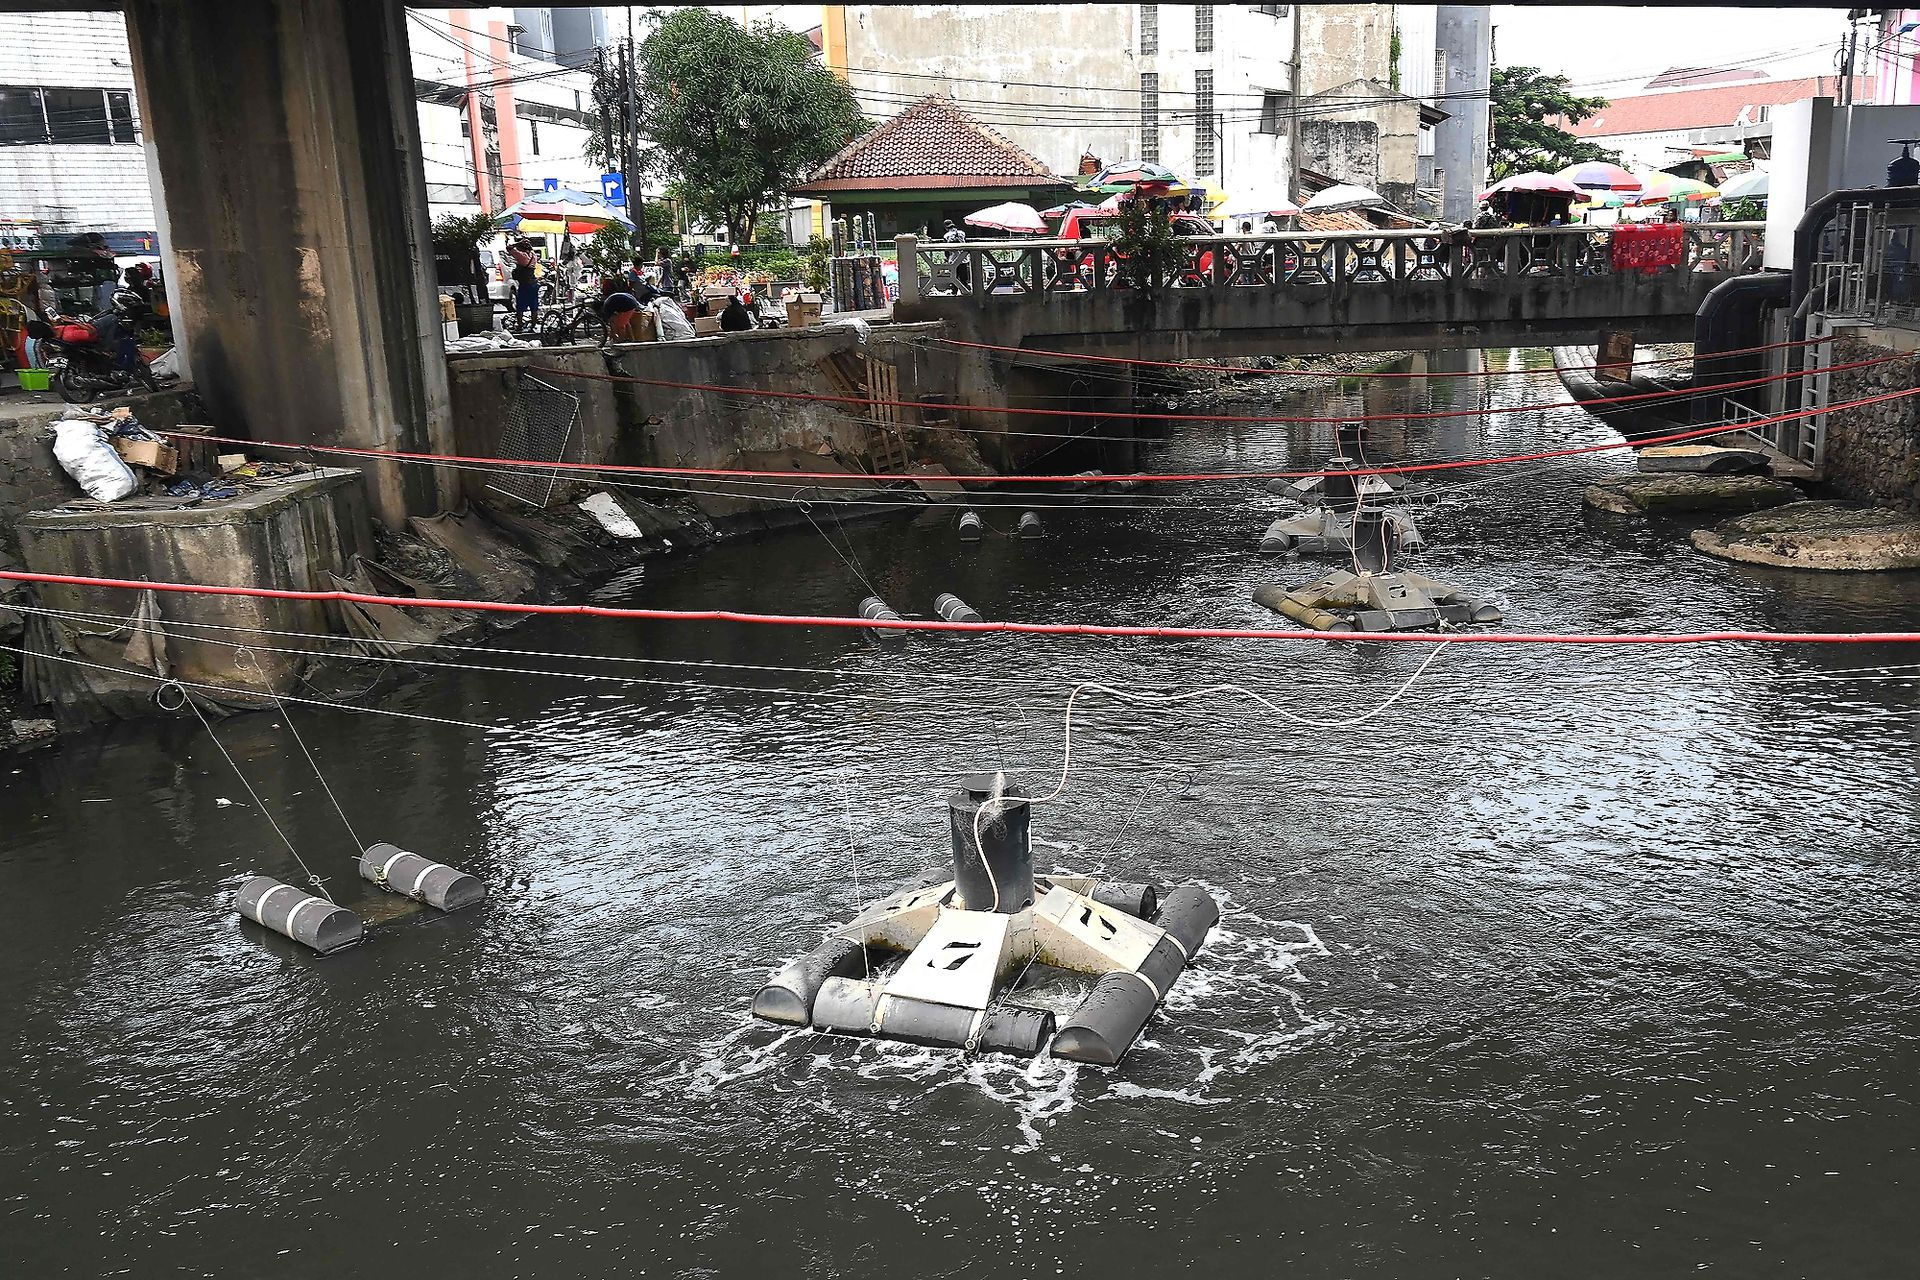 Dispositivos de limpieza de agua se ponen en funcionamiento en un río de Yakarta, Indonesia